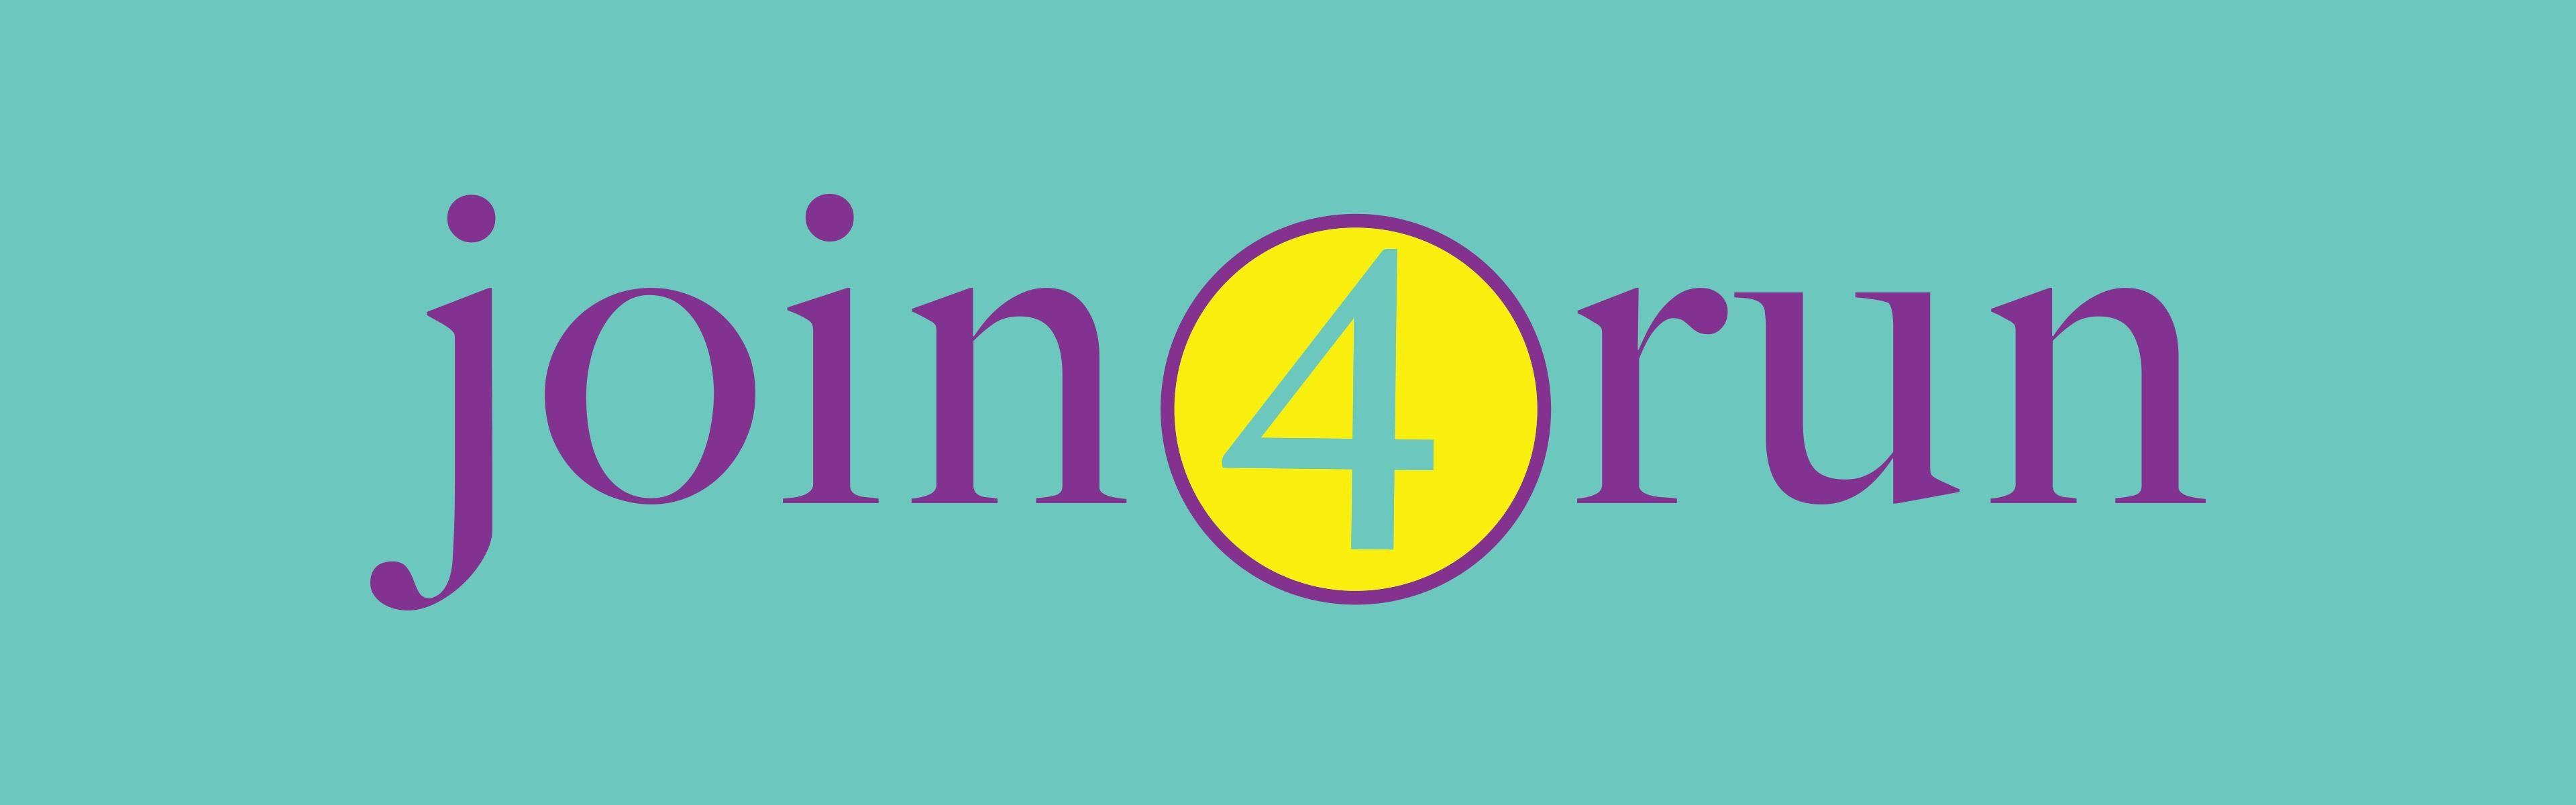 join4run